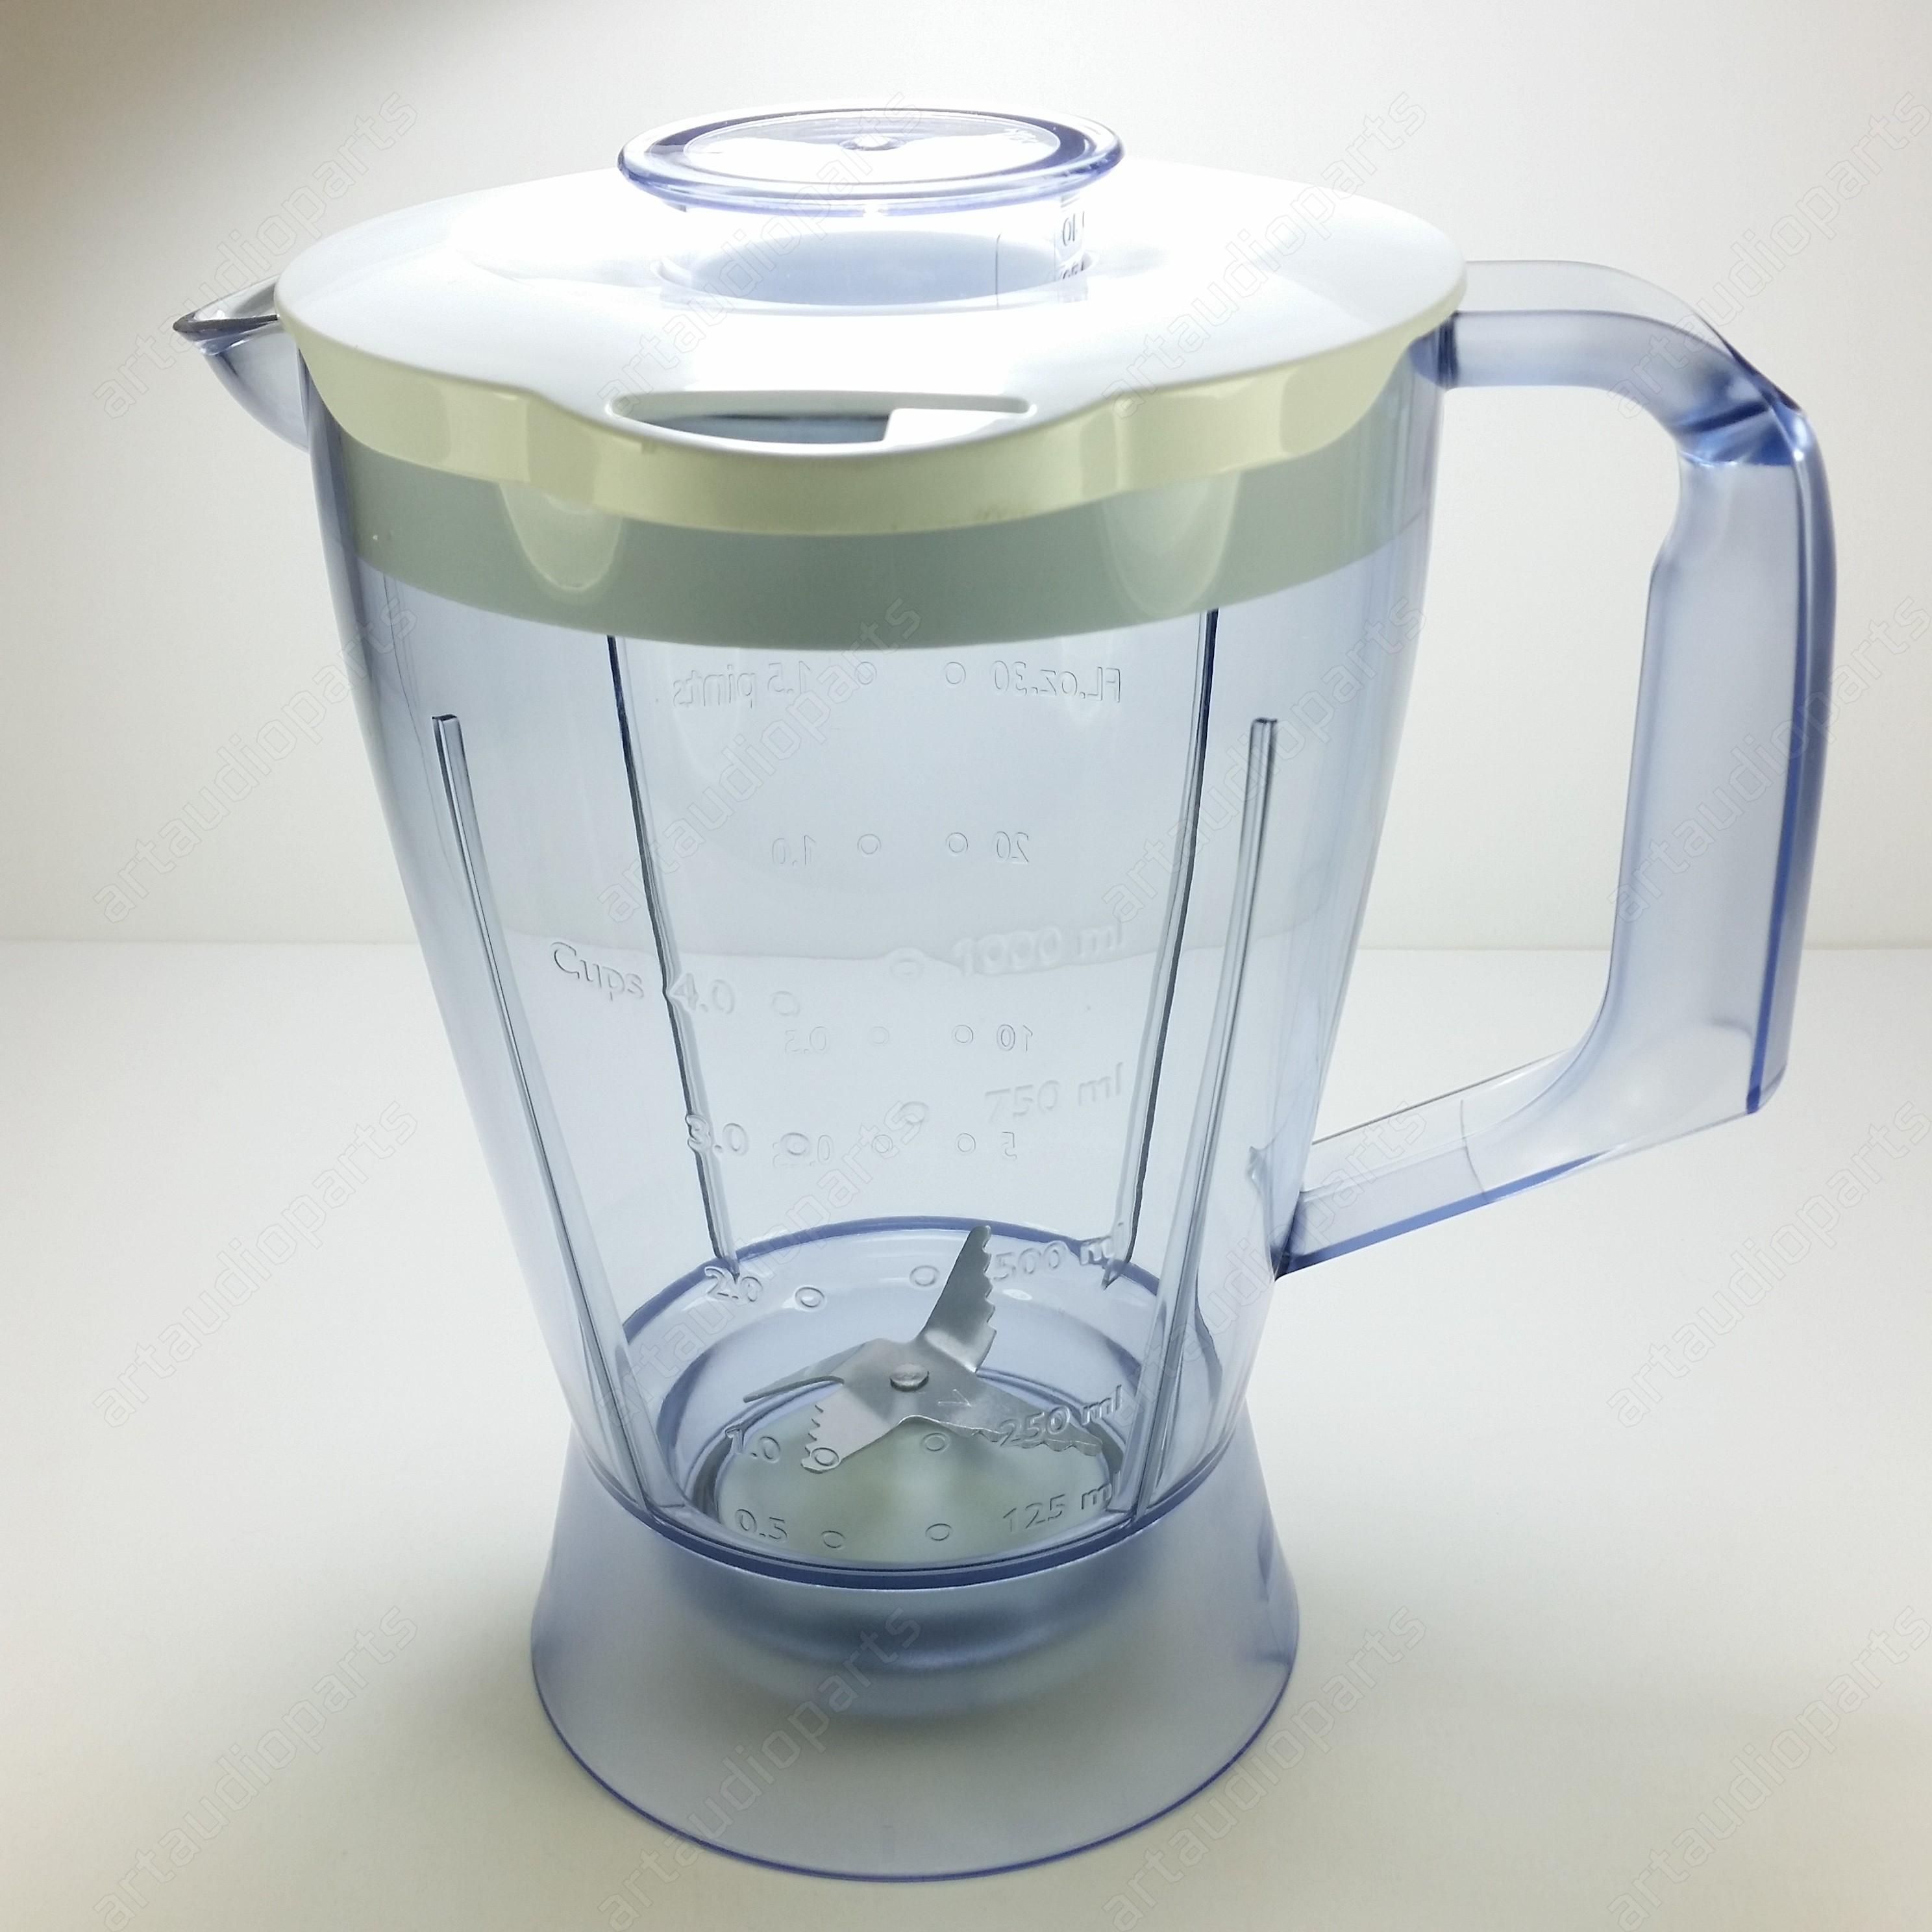 More Views. Blender Jar Jug for PHILIPS Food Processor HR7620 ...